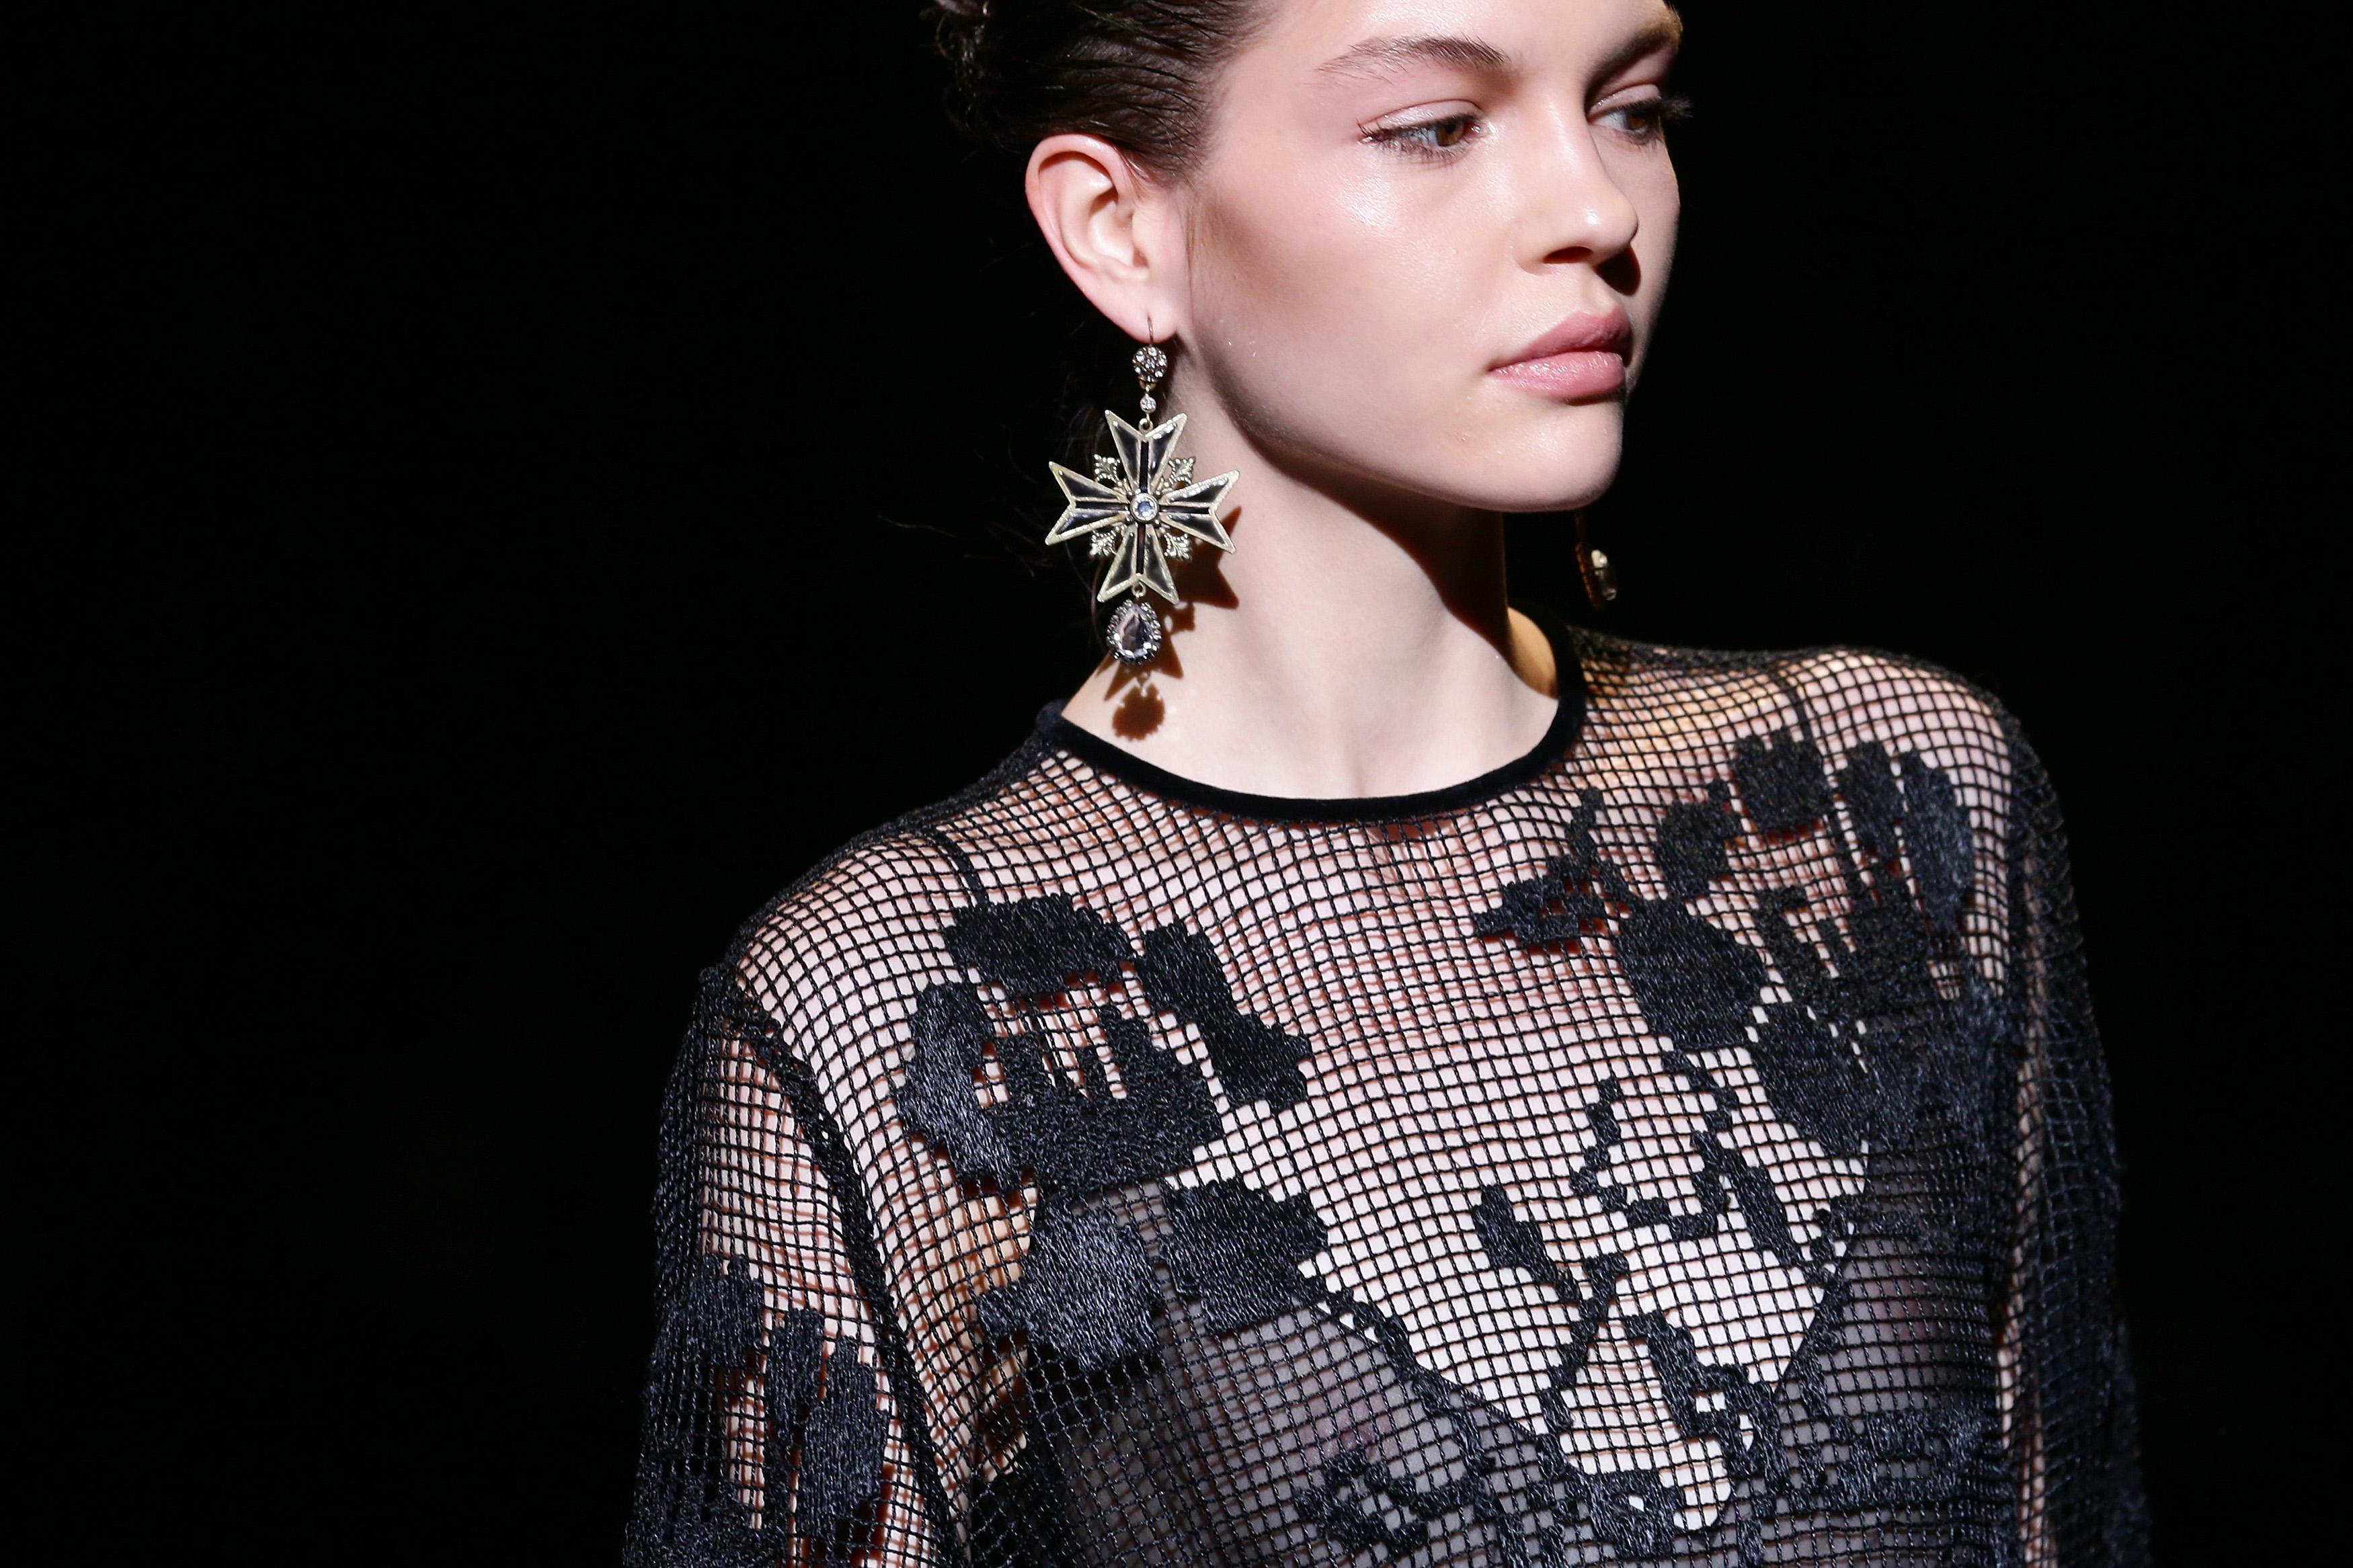 Alberta Ferretti collezione Autunno/Inverno 2013-14: la moda autentica